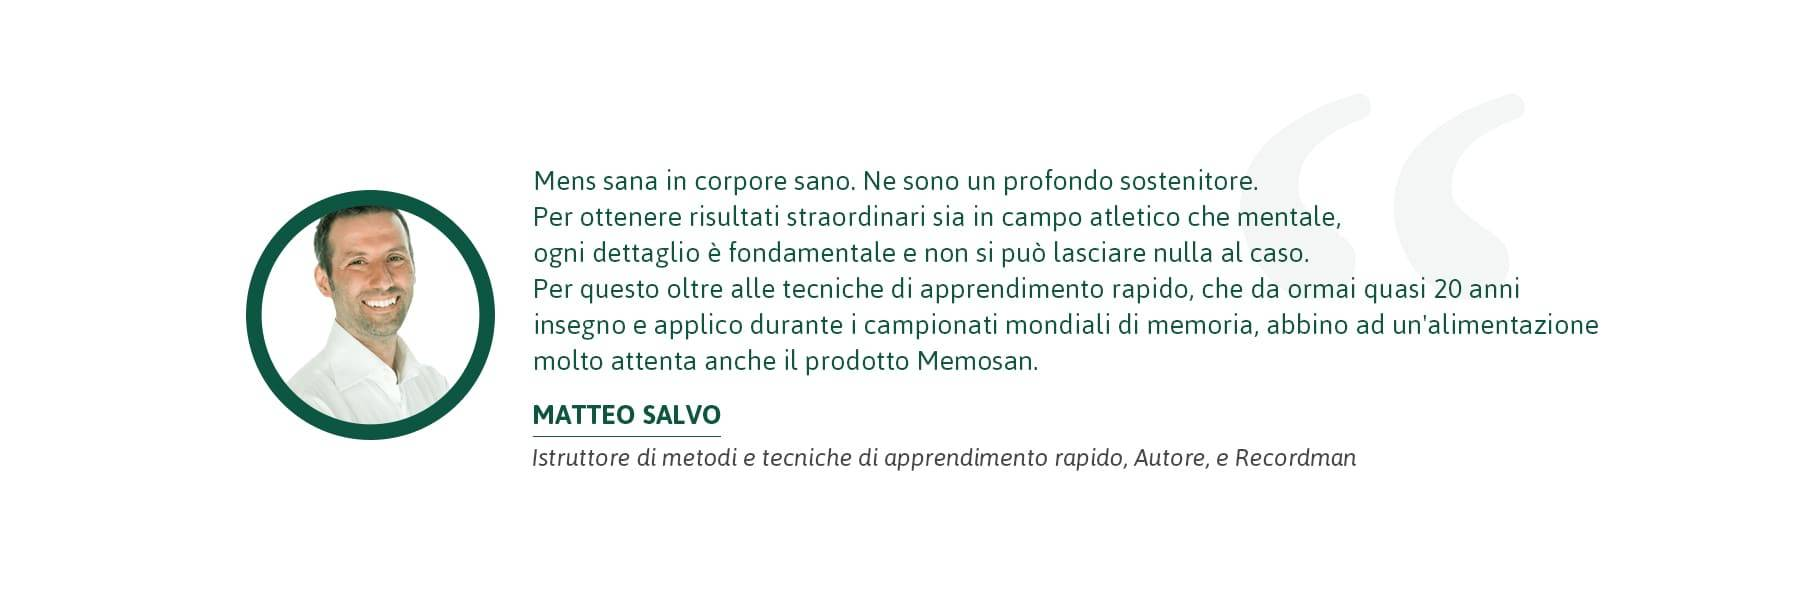 Matteo Salvo